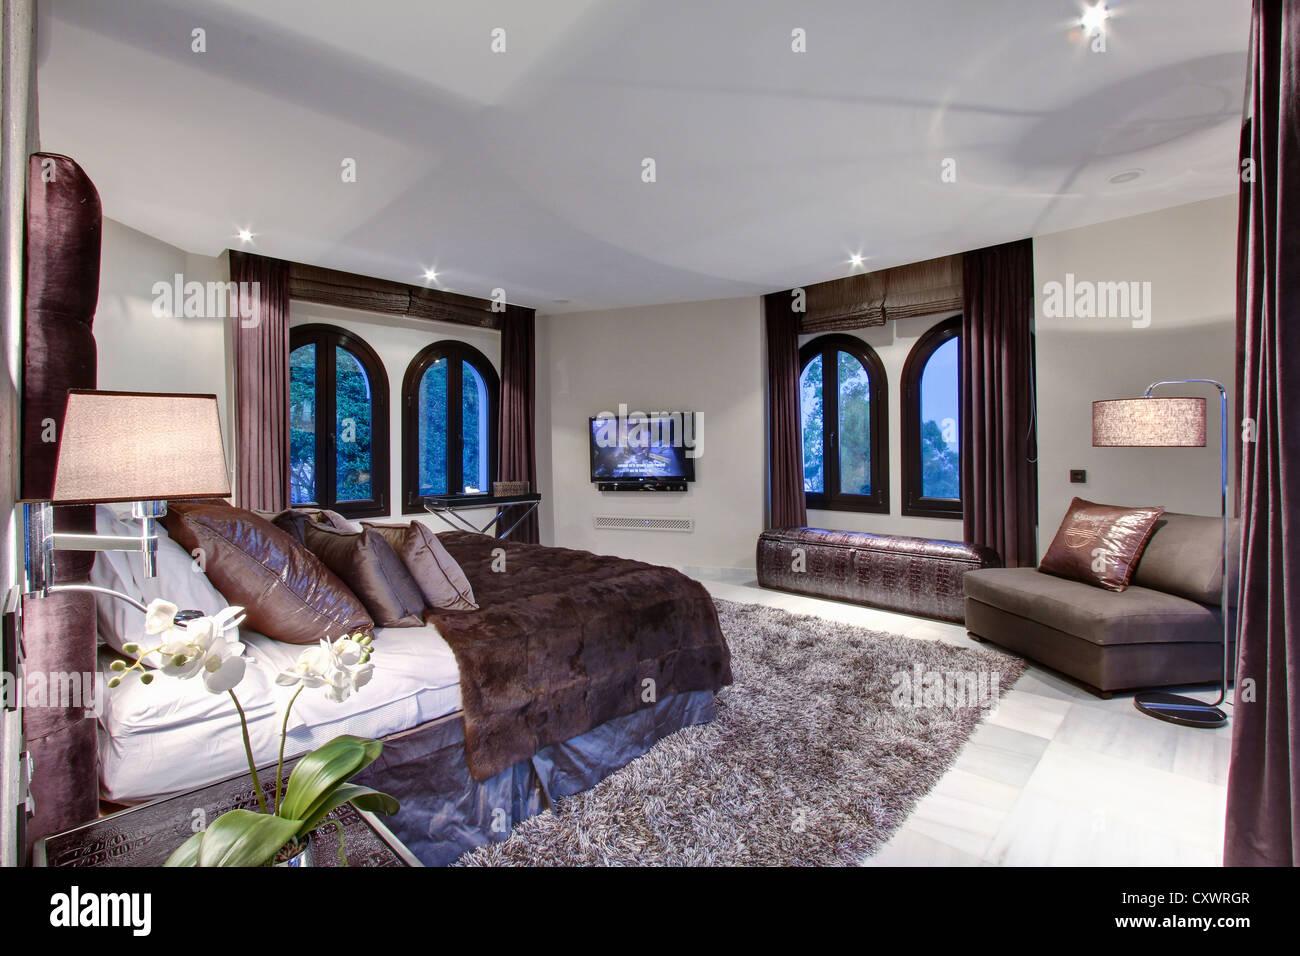 bett und fenster in modernen schlafzimmer stockfoto bild 50969095 alamy. Black Bedroom Furniture Sets. Home Design Ideas